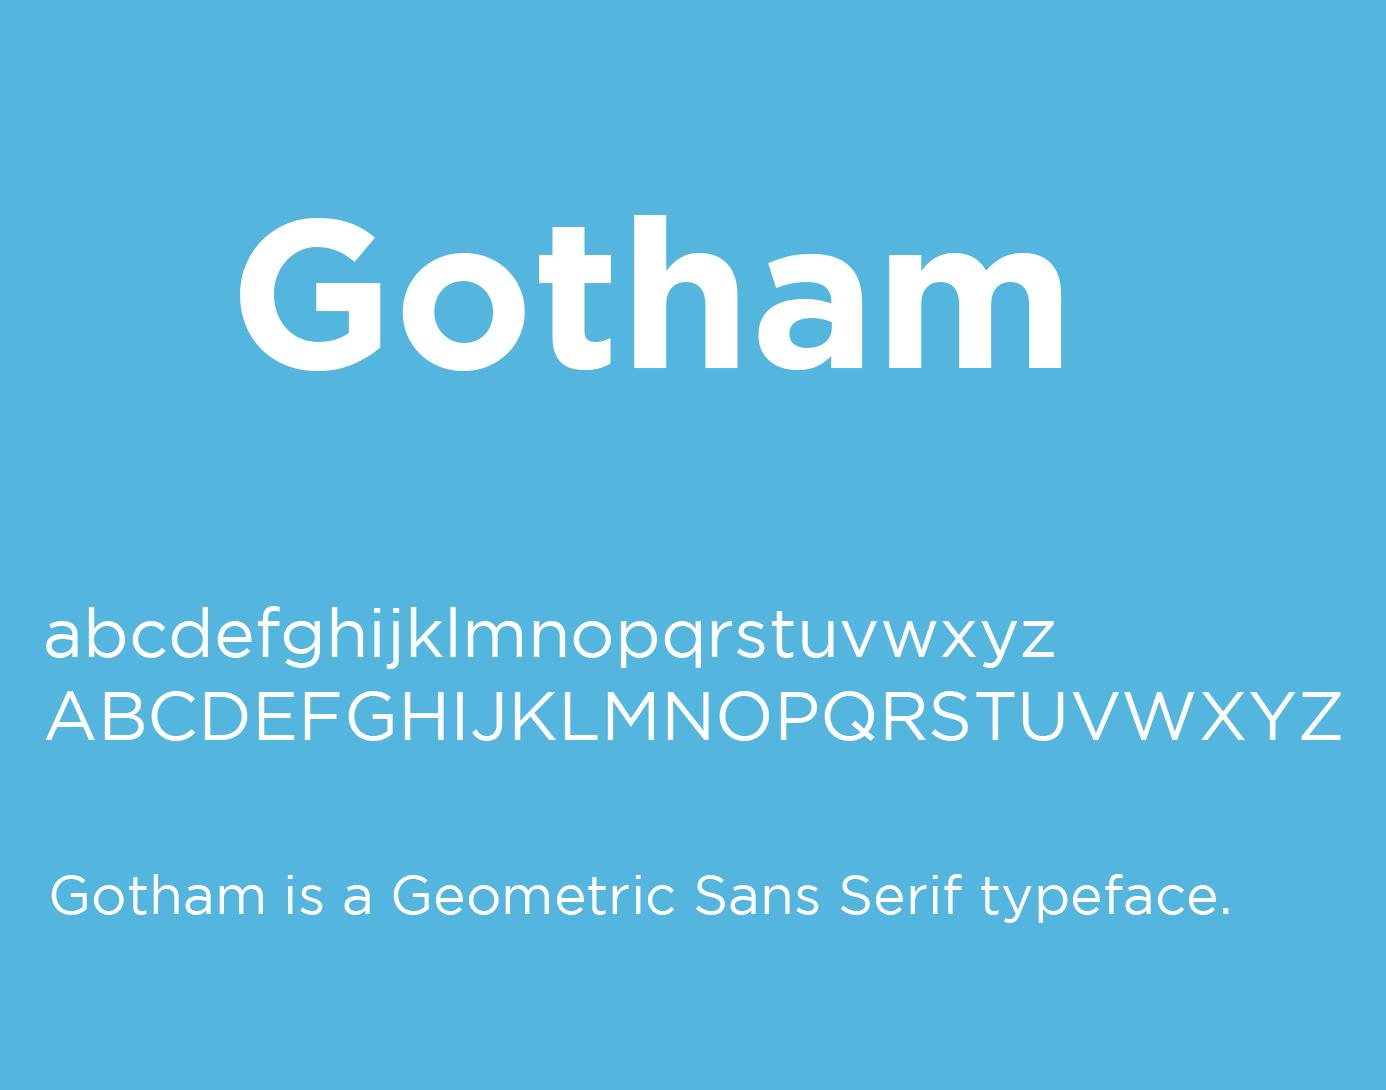 tipografía gotham